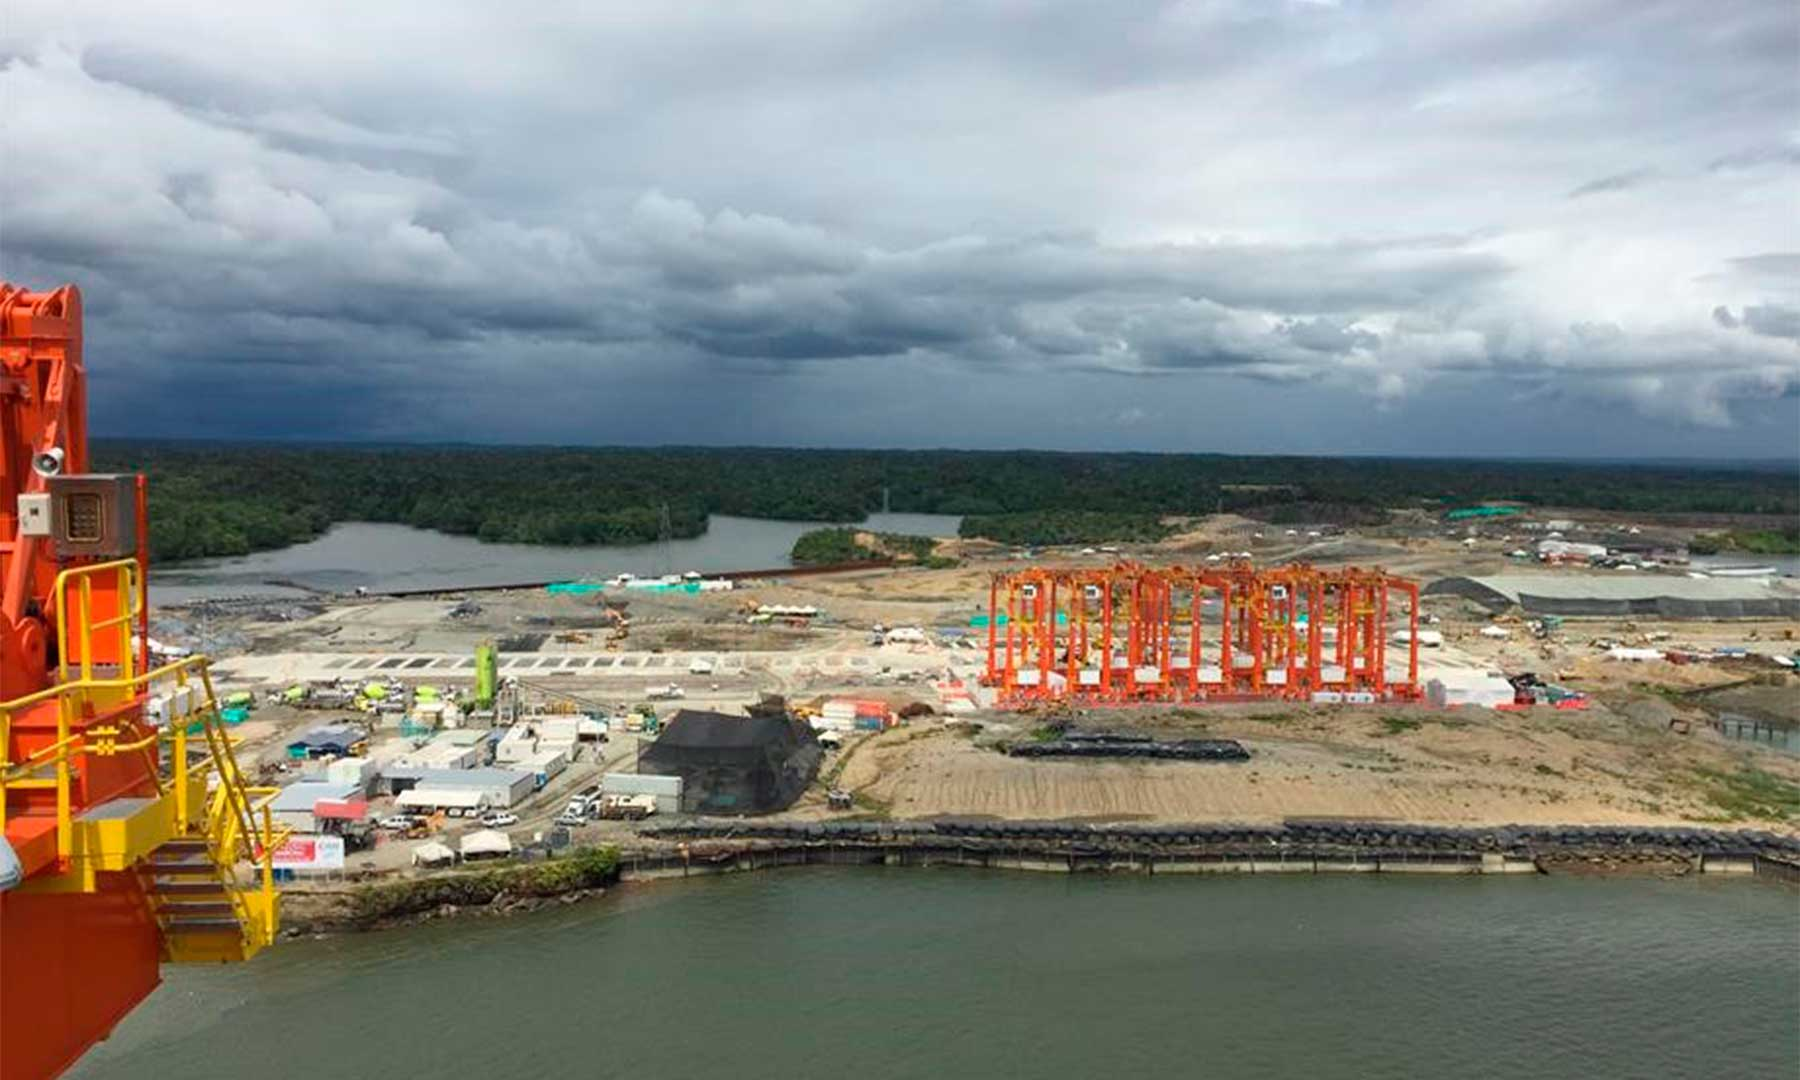 Puerto de Aguadulce en Buenaventura empezará a operar el 11 de octubre